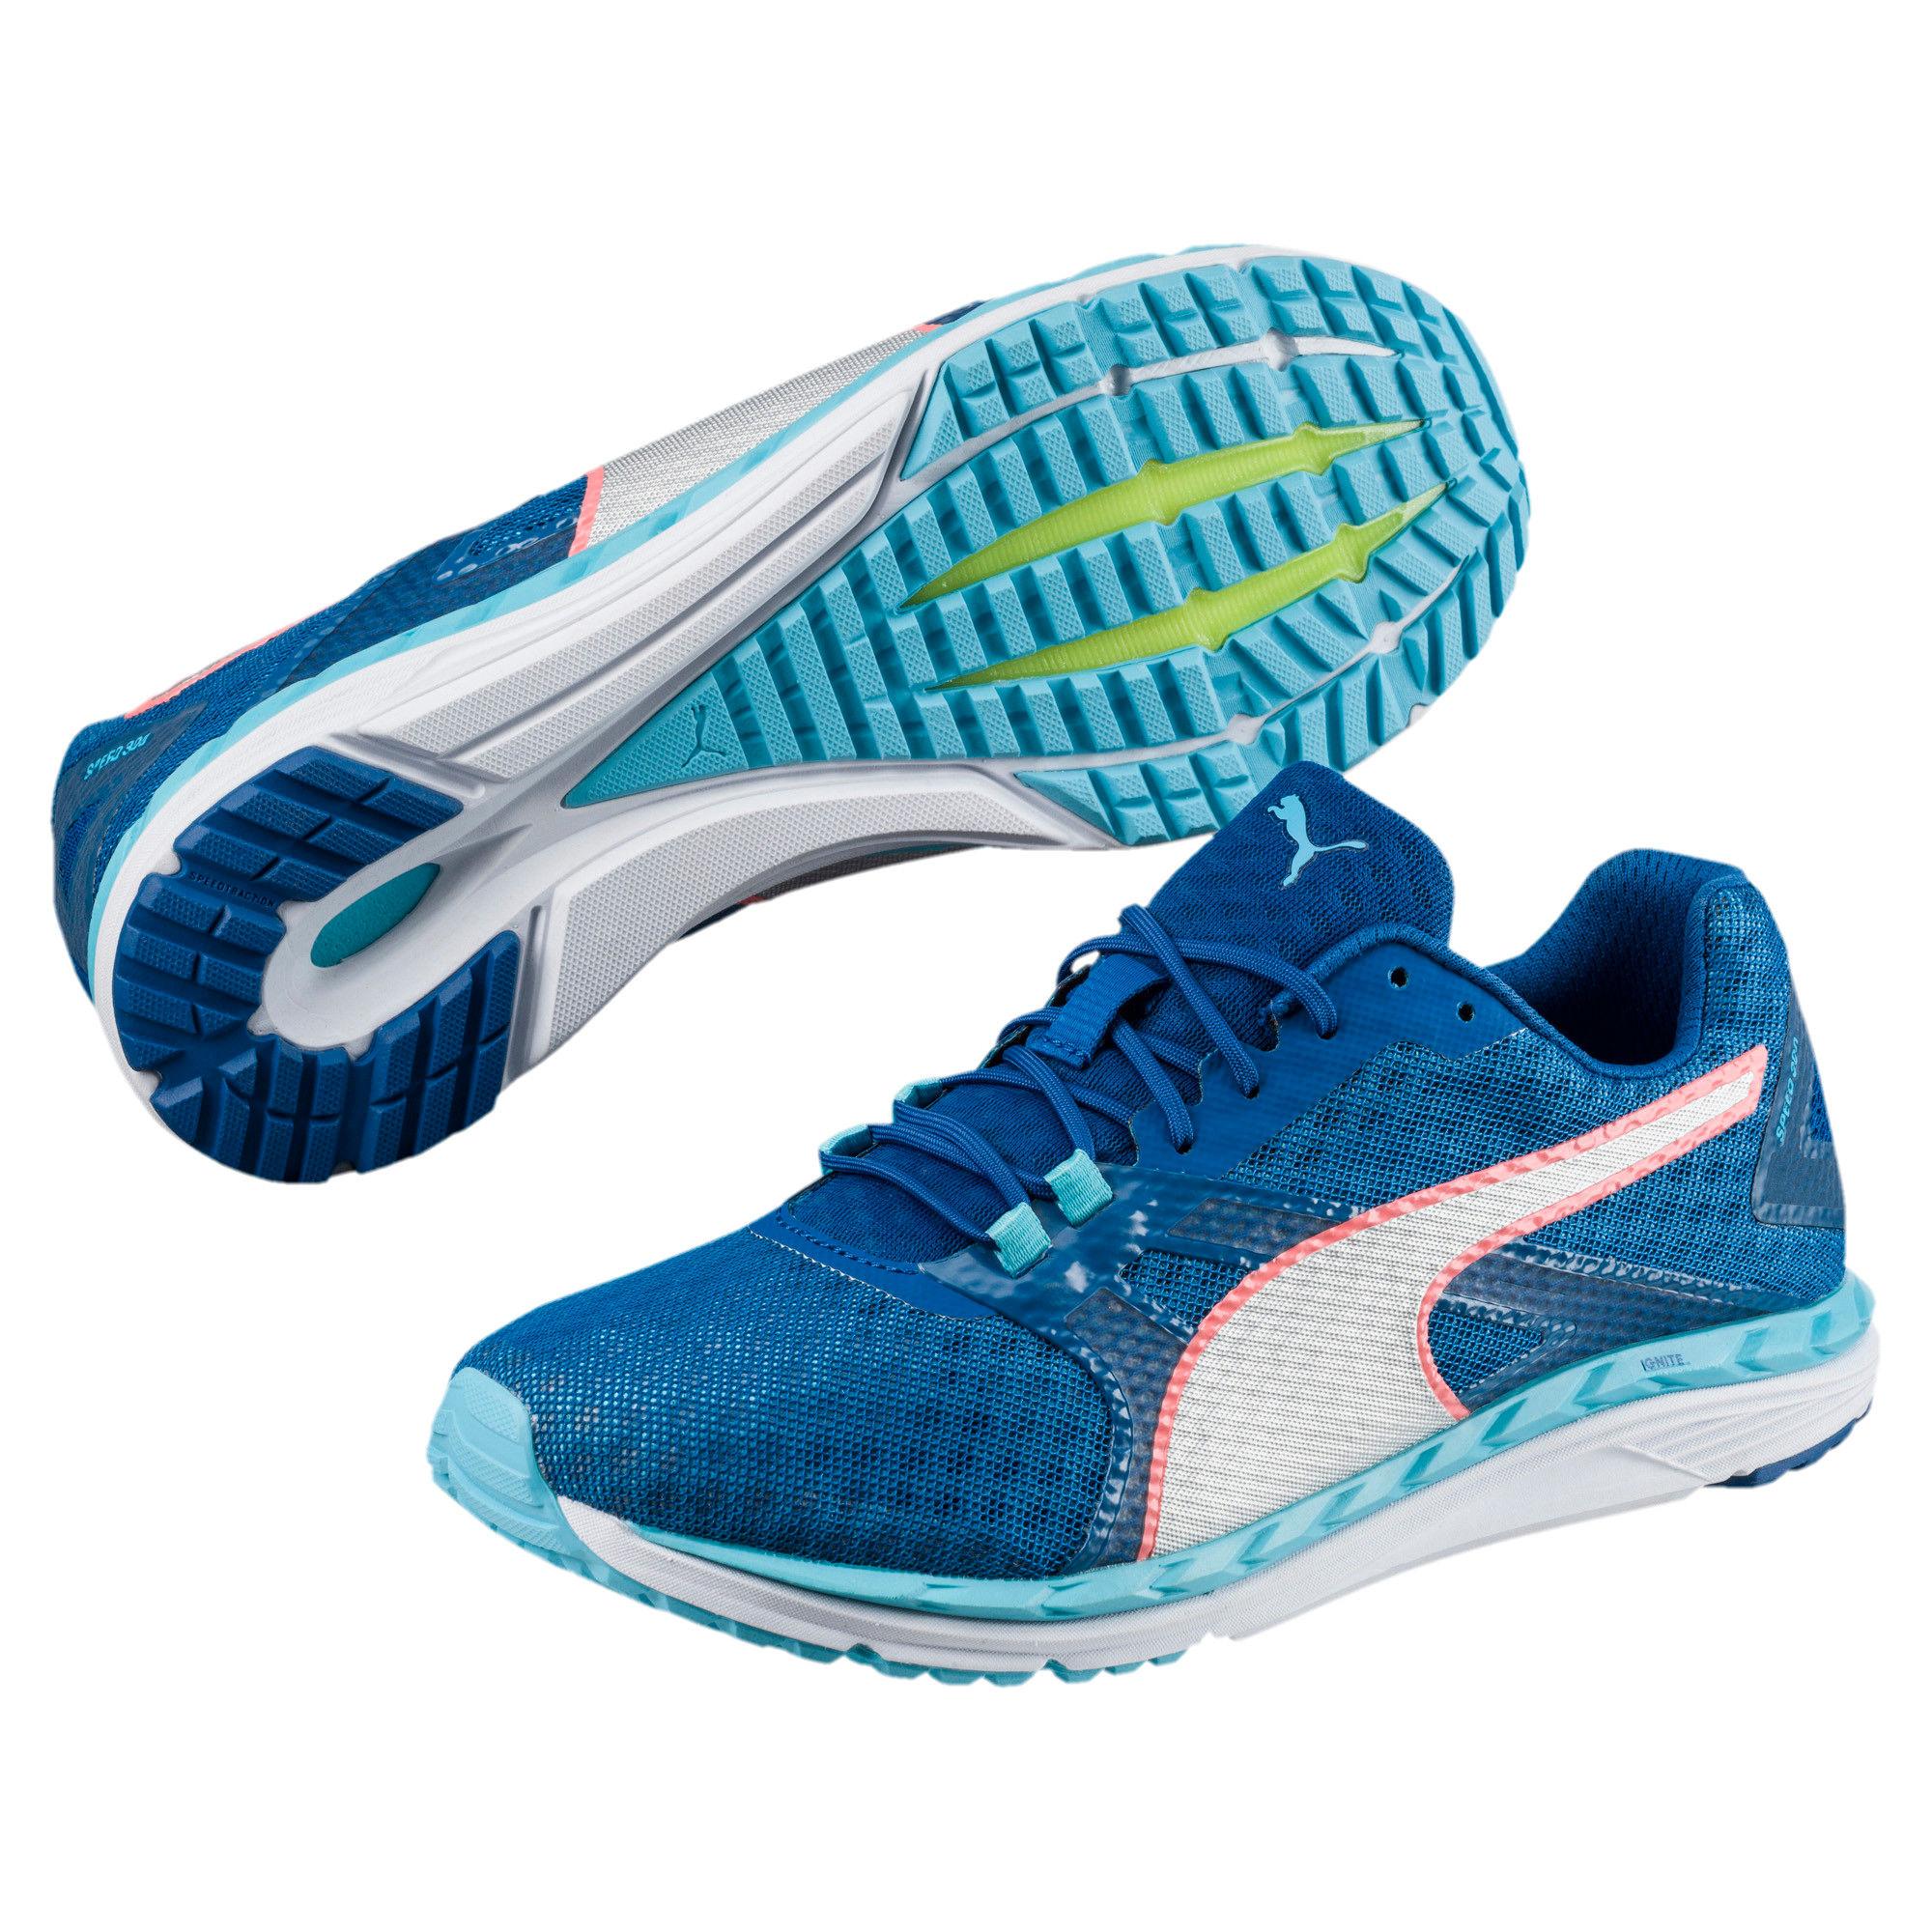 Puma Speed 300 Ignite 2 Wn Running Shoe